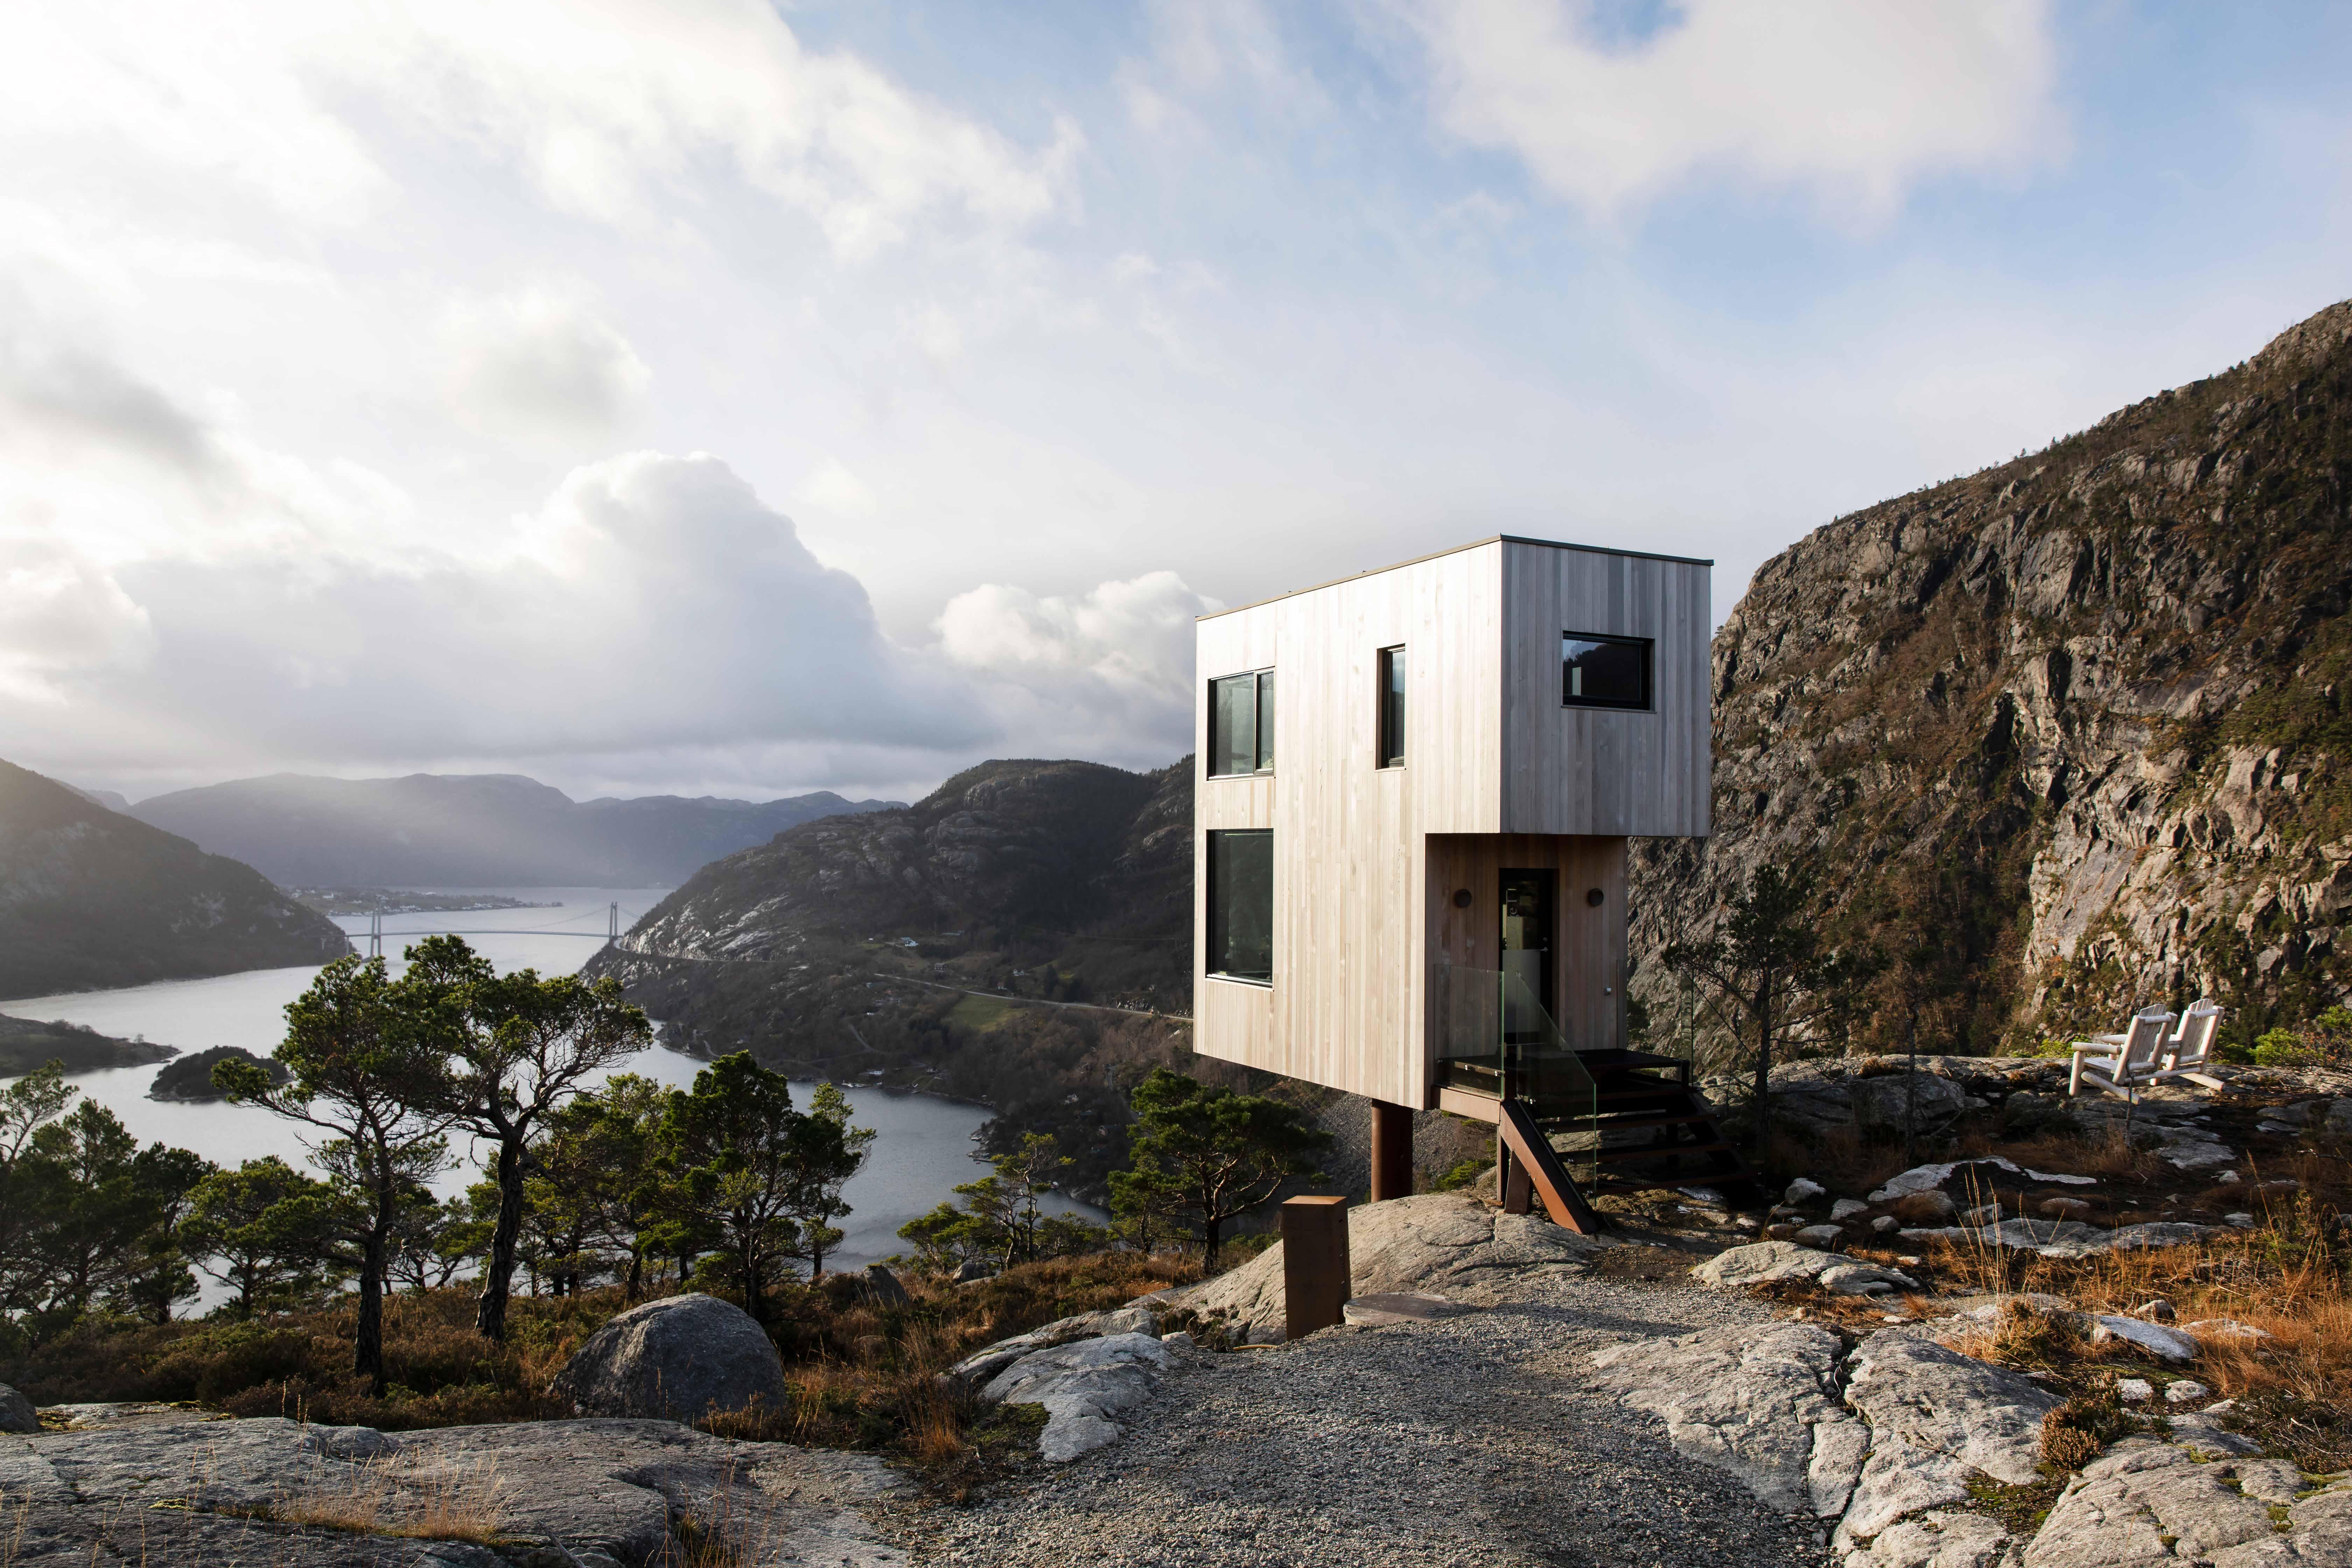 ferienhaus-norwegen-decohome.de-vippbolder03_low_2mb